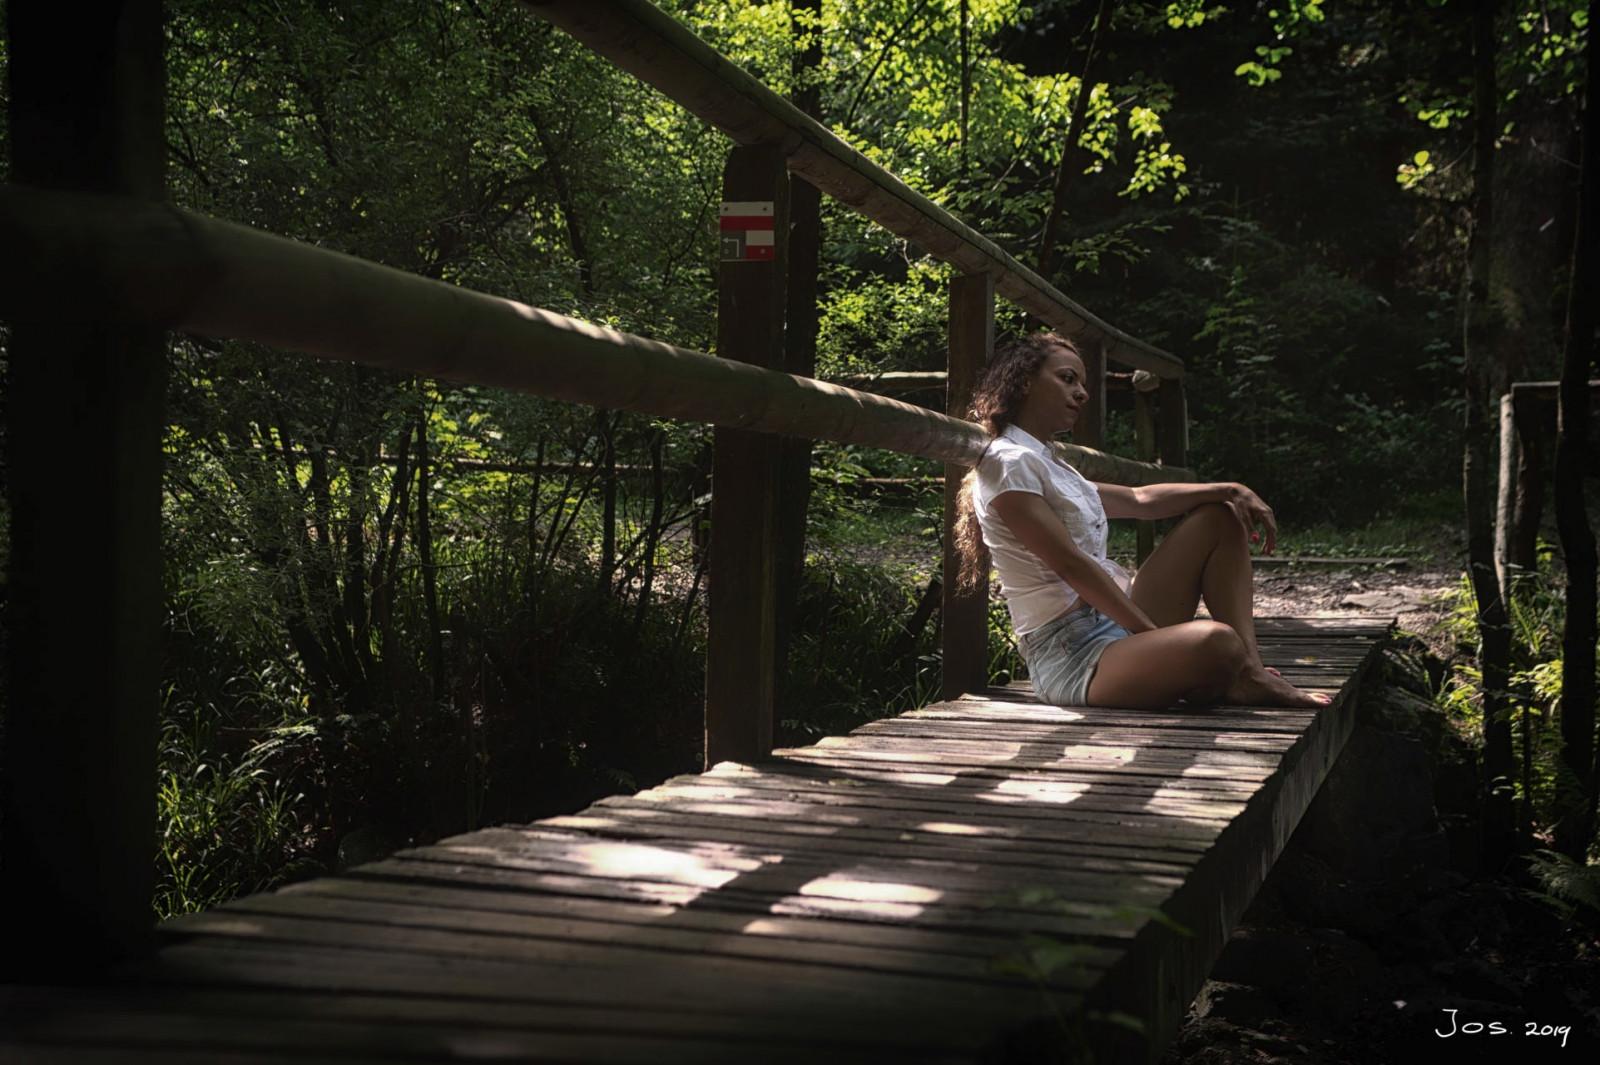 Lerne mehr über Kompositionen in der Fotografie Dame auf Brücke weit von Jos-Joosten